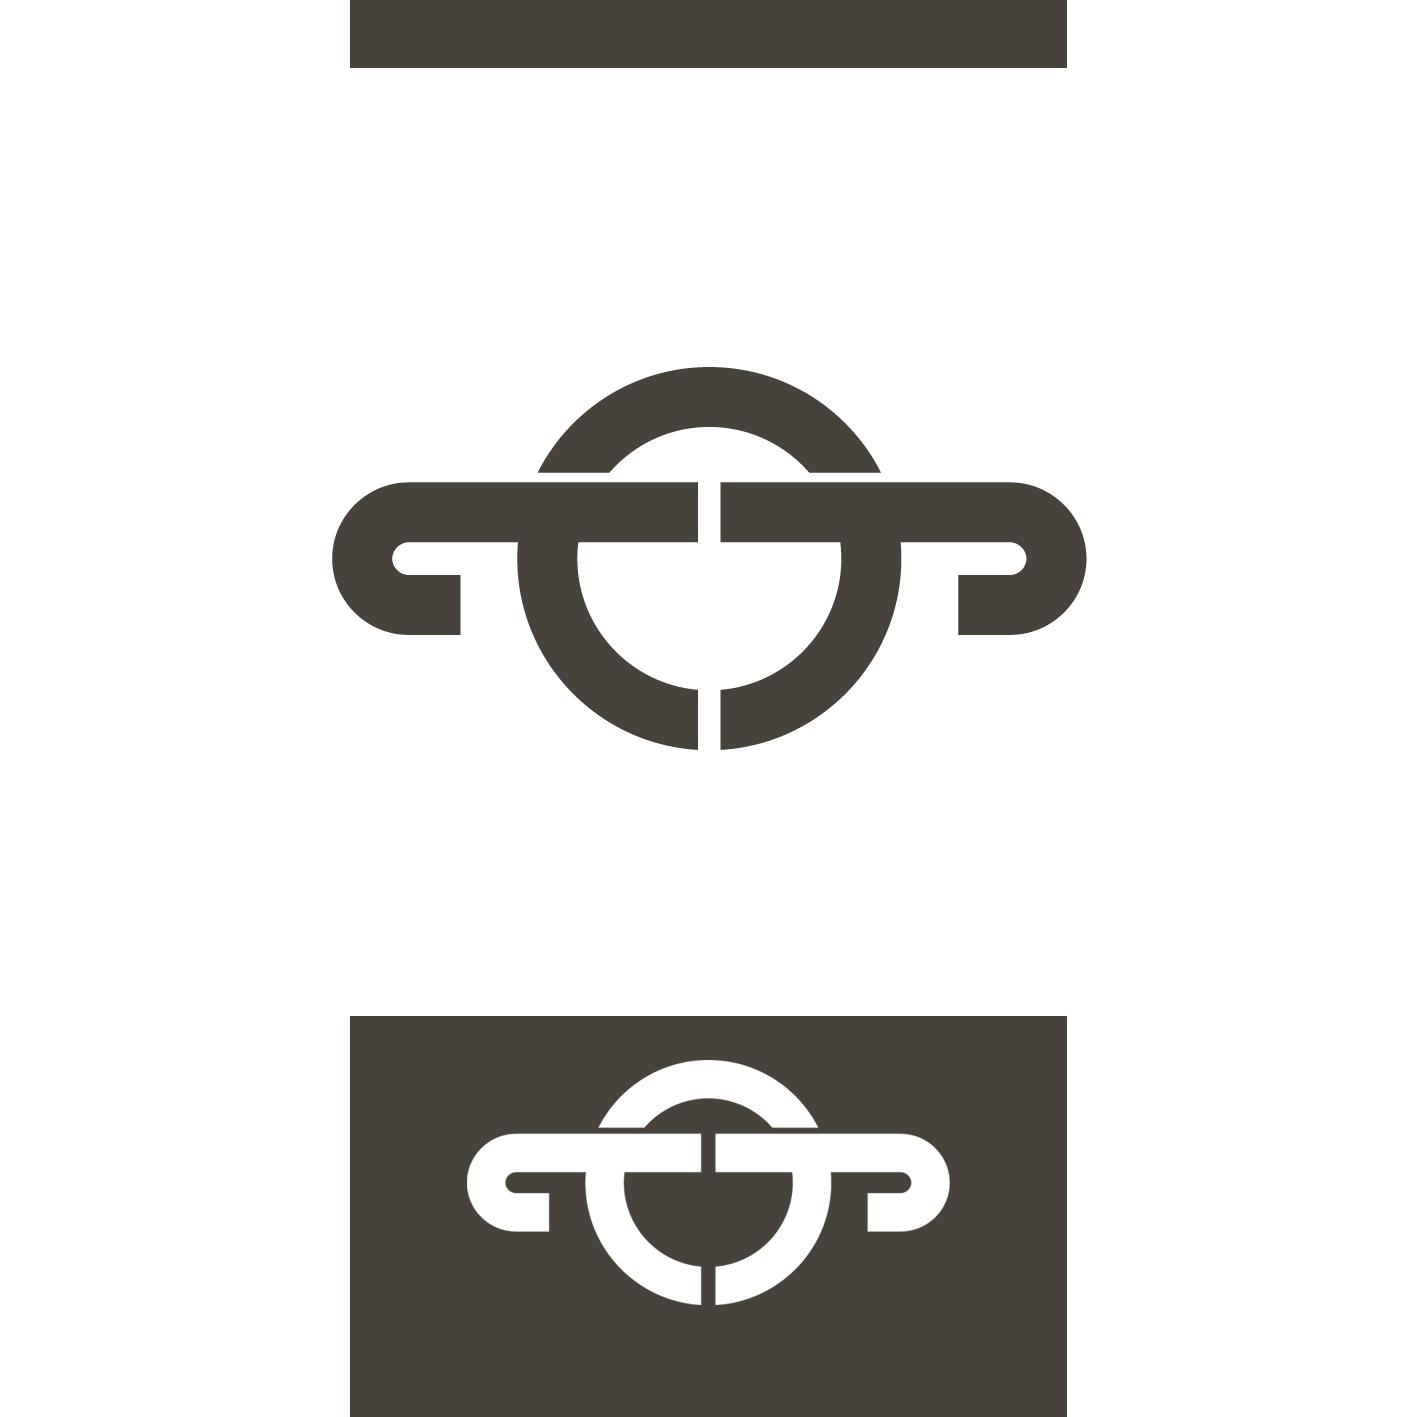 Разработка дизайна коробки, фирменного стиля, логотипа. фото f_4085c5d651041d70.png